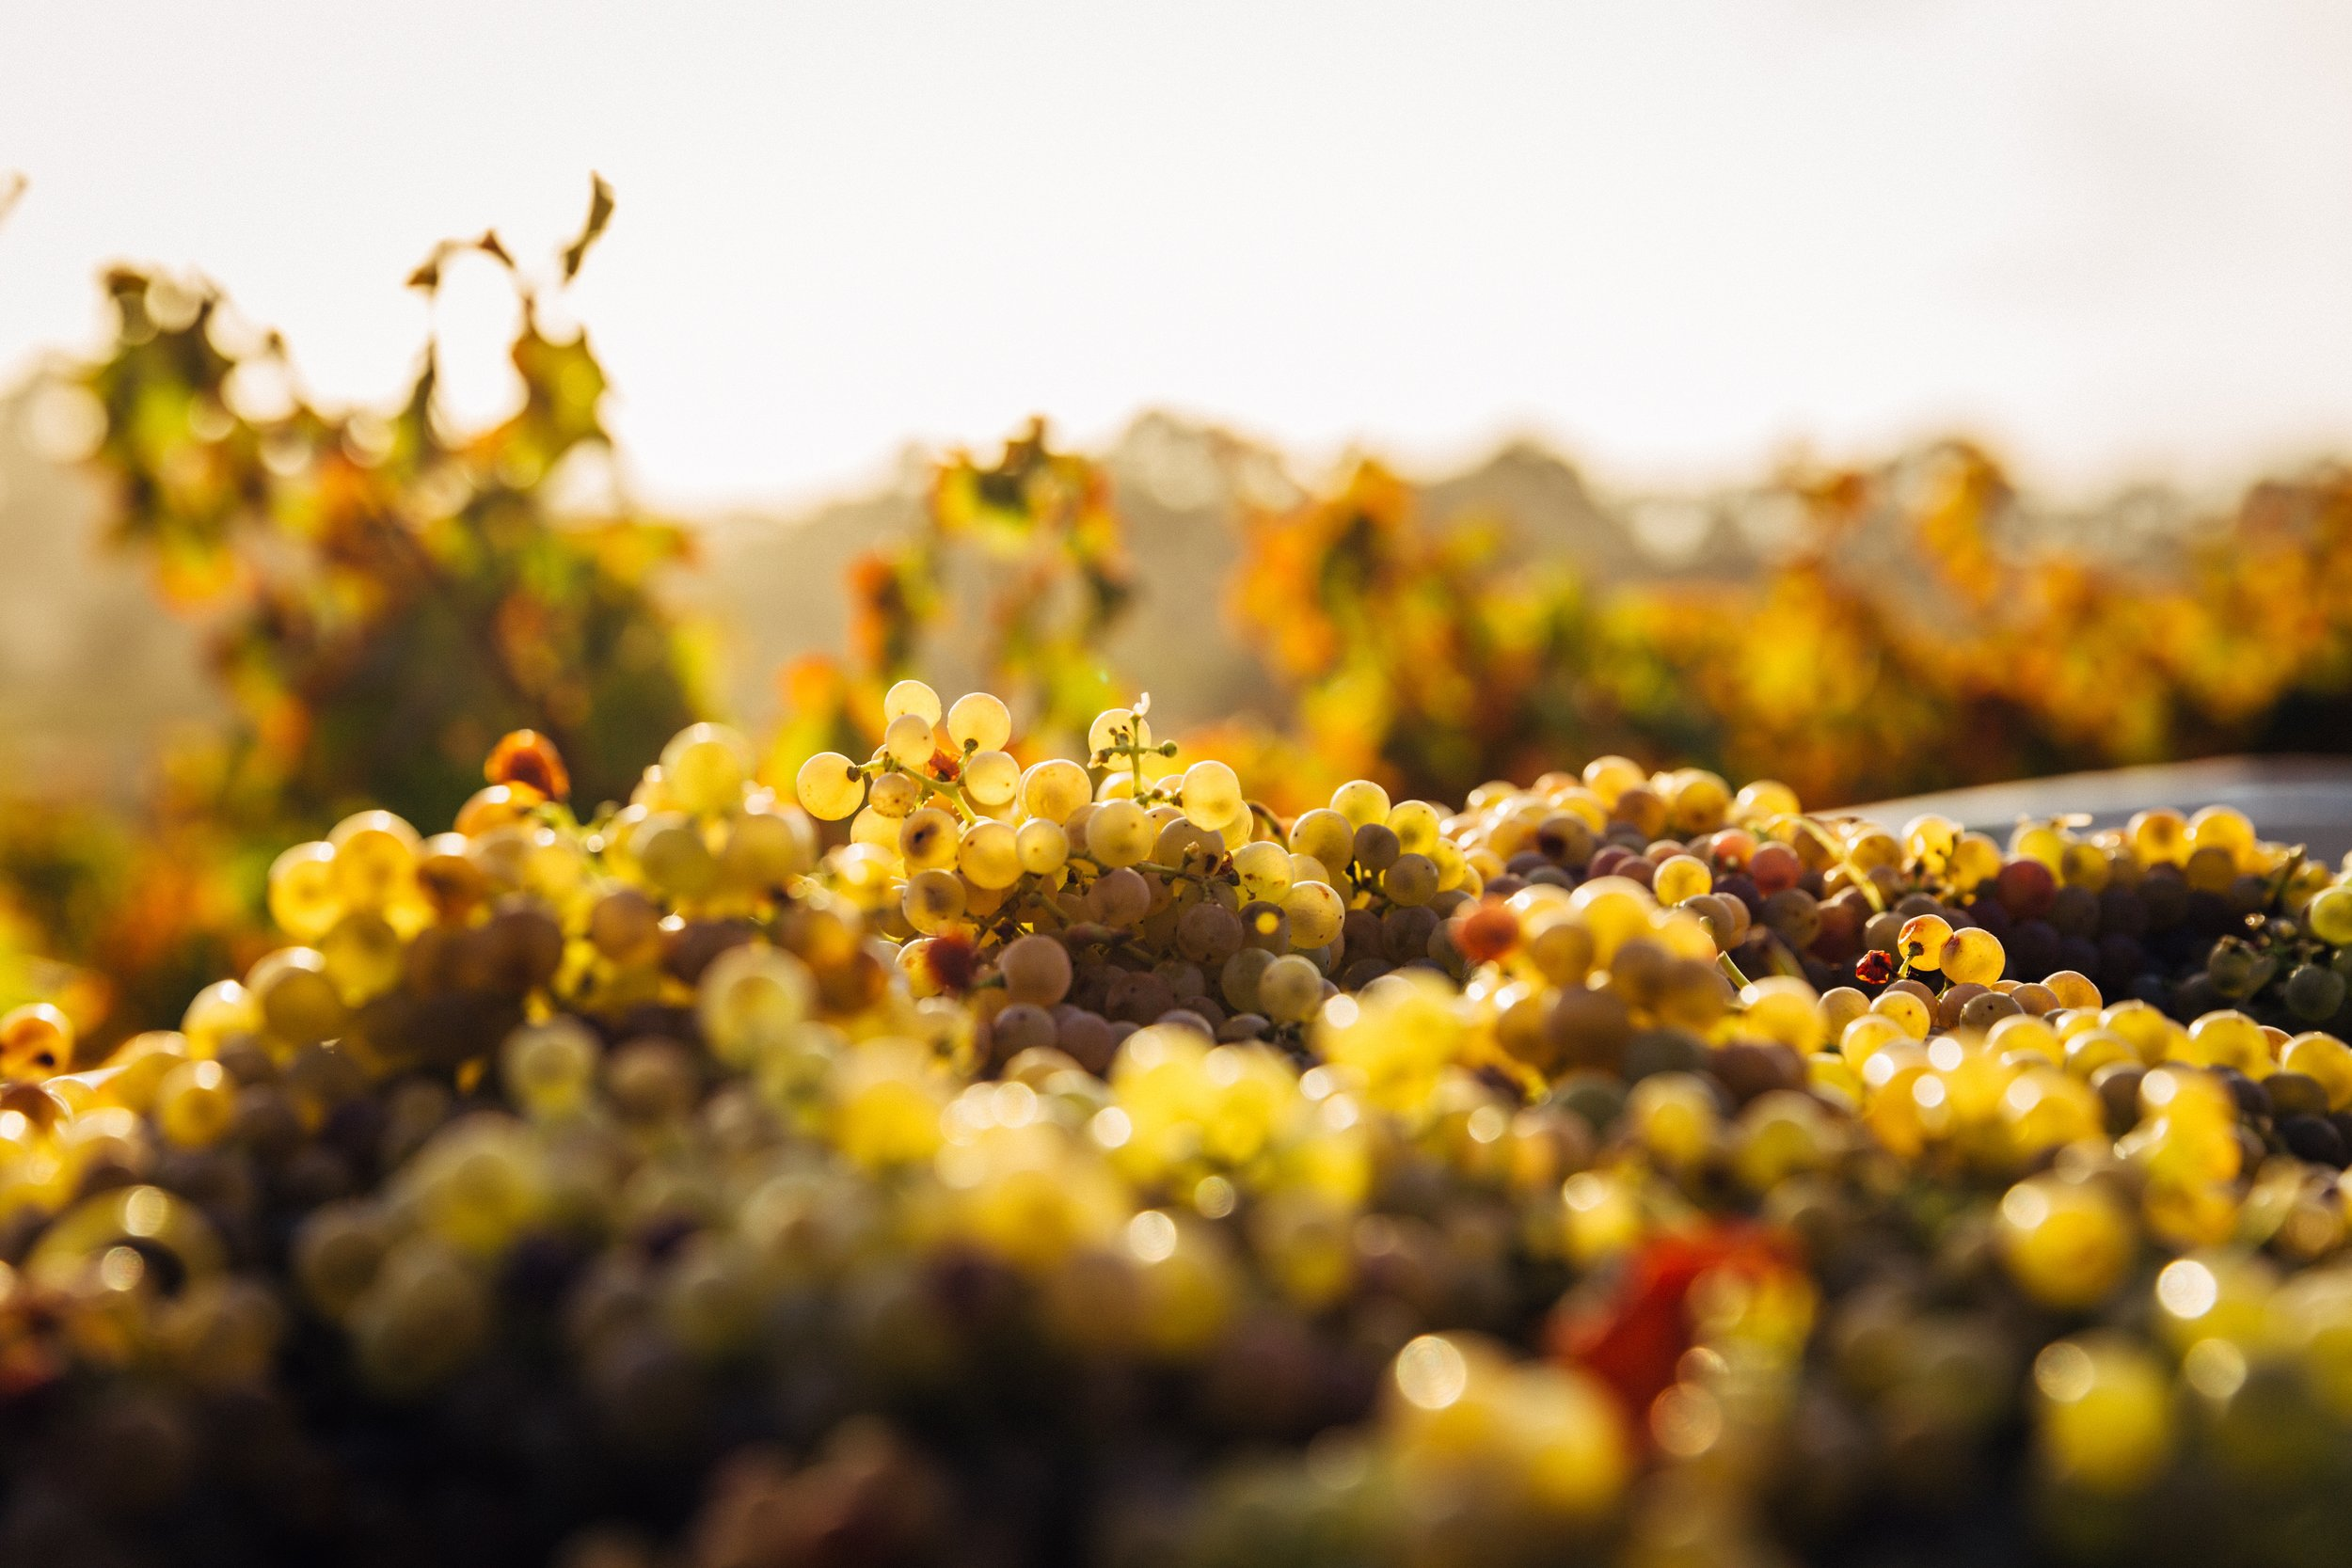 Visita a cellers ecològics i biodinàmics - Catalunya ens ofereix la possibilitat de descobrir i degustar excel·lents vins amb denominació d'origen. Conèixer les seves masies, cellers o granges ecològiques i familiars serà una visita inoblidable.- Visita i tast de vins ecològics- Passeig en bicicleta, 4x4 o segway per les vinyes- Conèixer el procés d'elaboració sostenible del vi- Degustació de productes artesanals (embotits, formatges ...)- Activitats de verema: recol.lecció i trepitjada de raïm, passejades de recol.lecta…- Tast de vins naturalsPreu: desde 14€ per persona